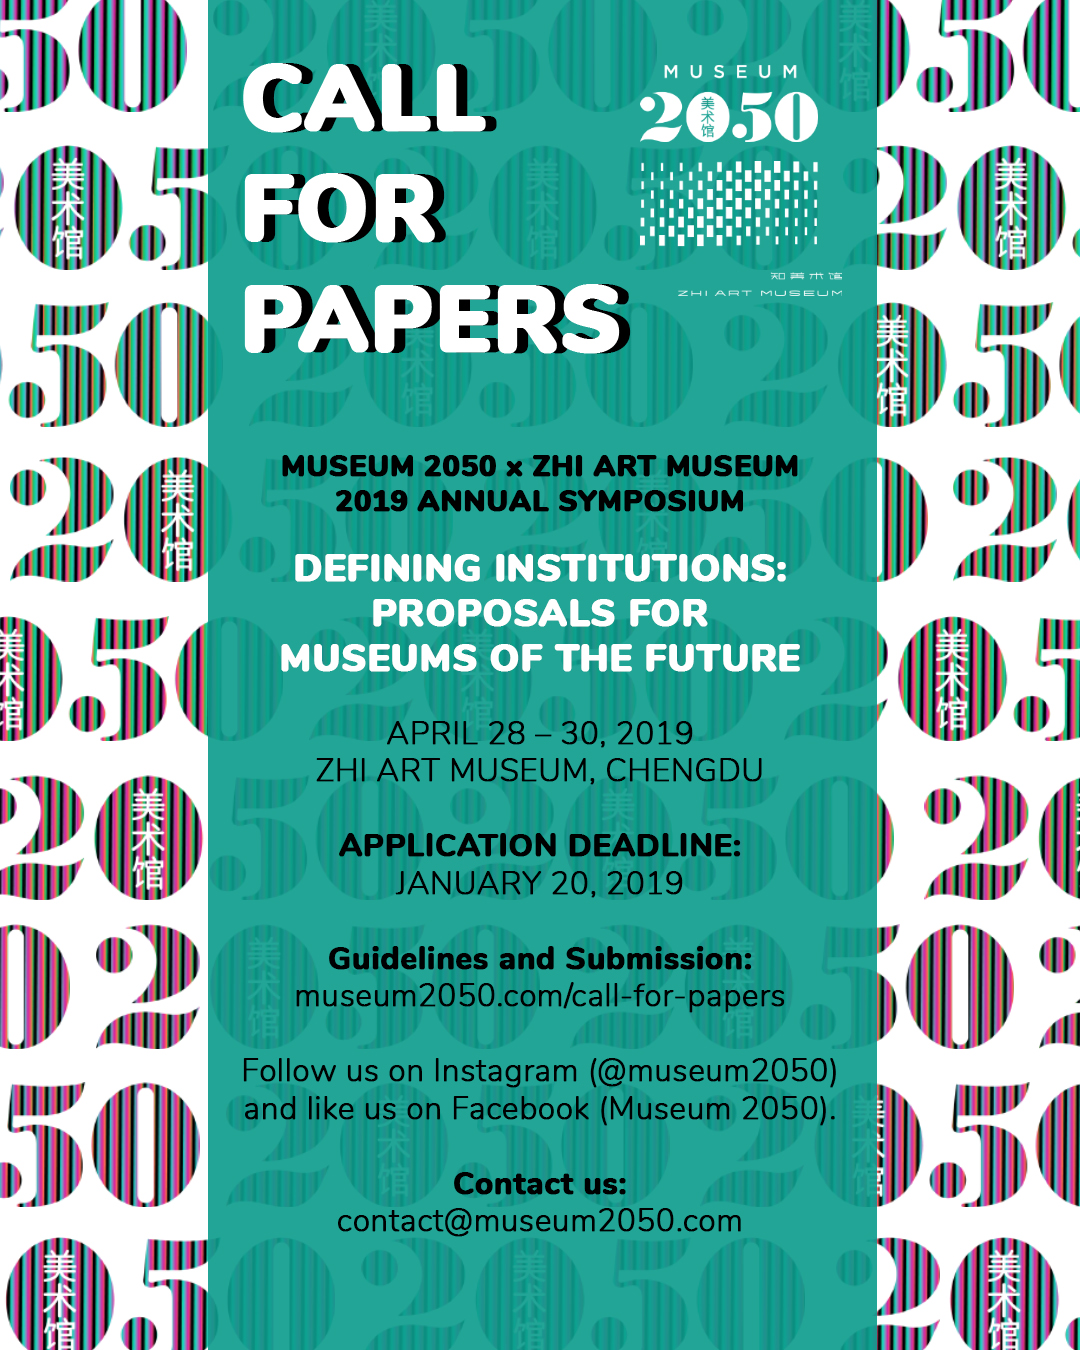 Museum 2050 x Zhi Art Museum 2019 Annual Symposium